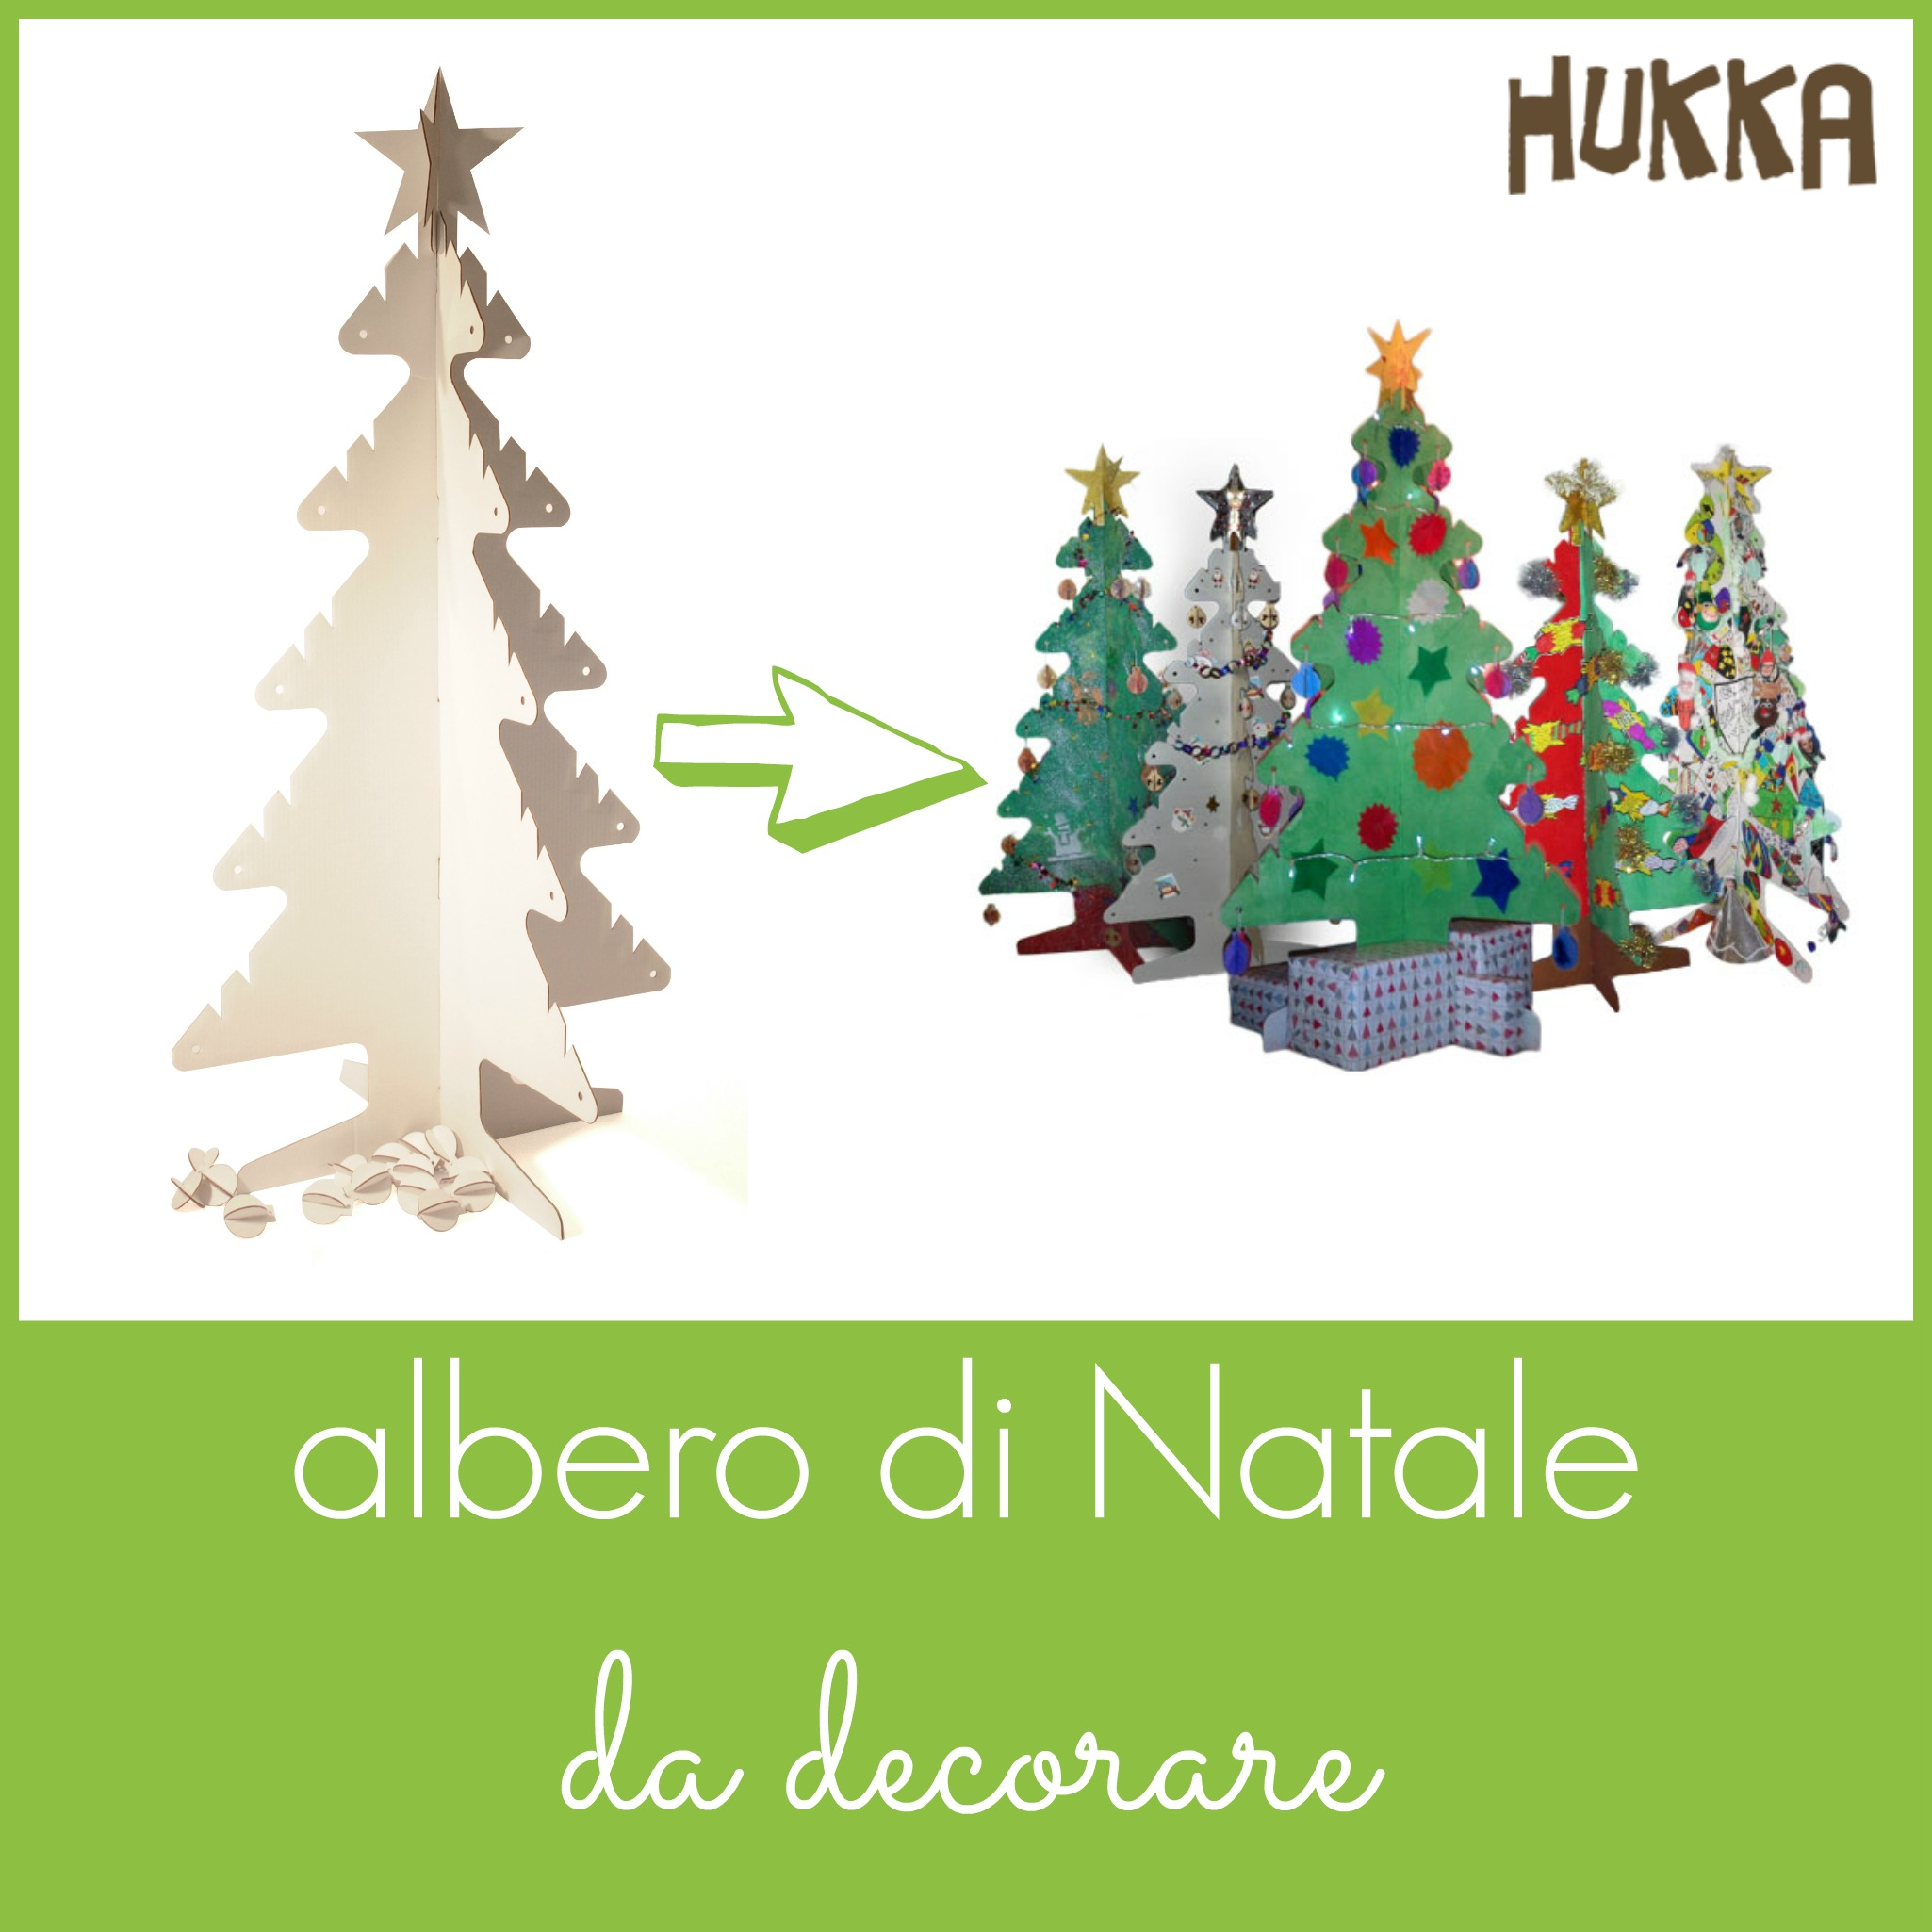 Decorare albero di natale albero di natale da decorare - Idee x decorare l albero di natale ...